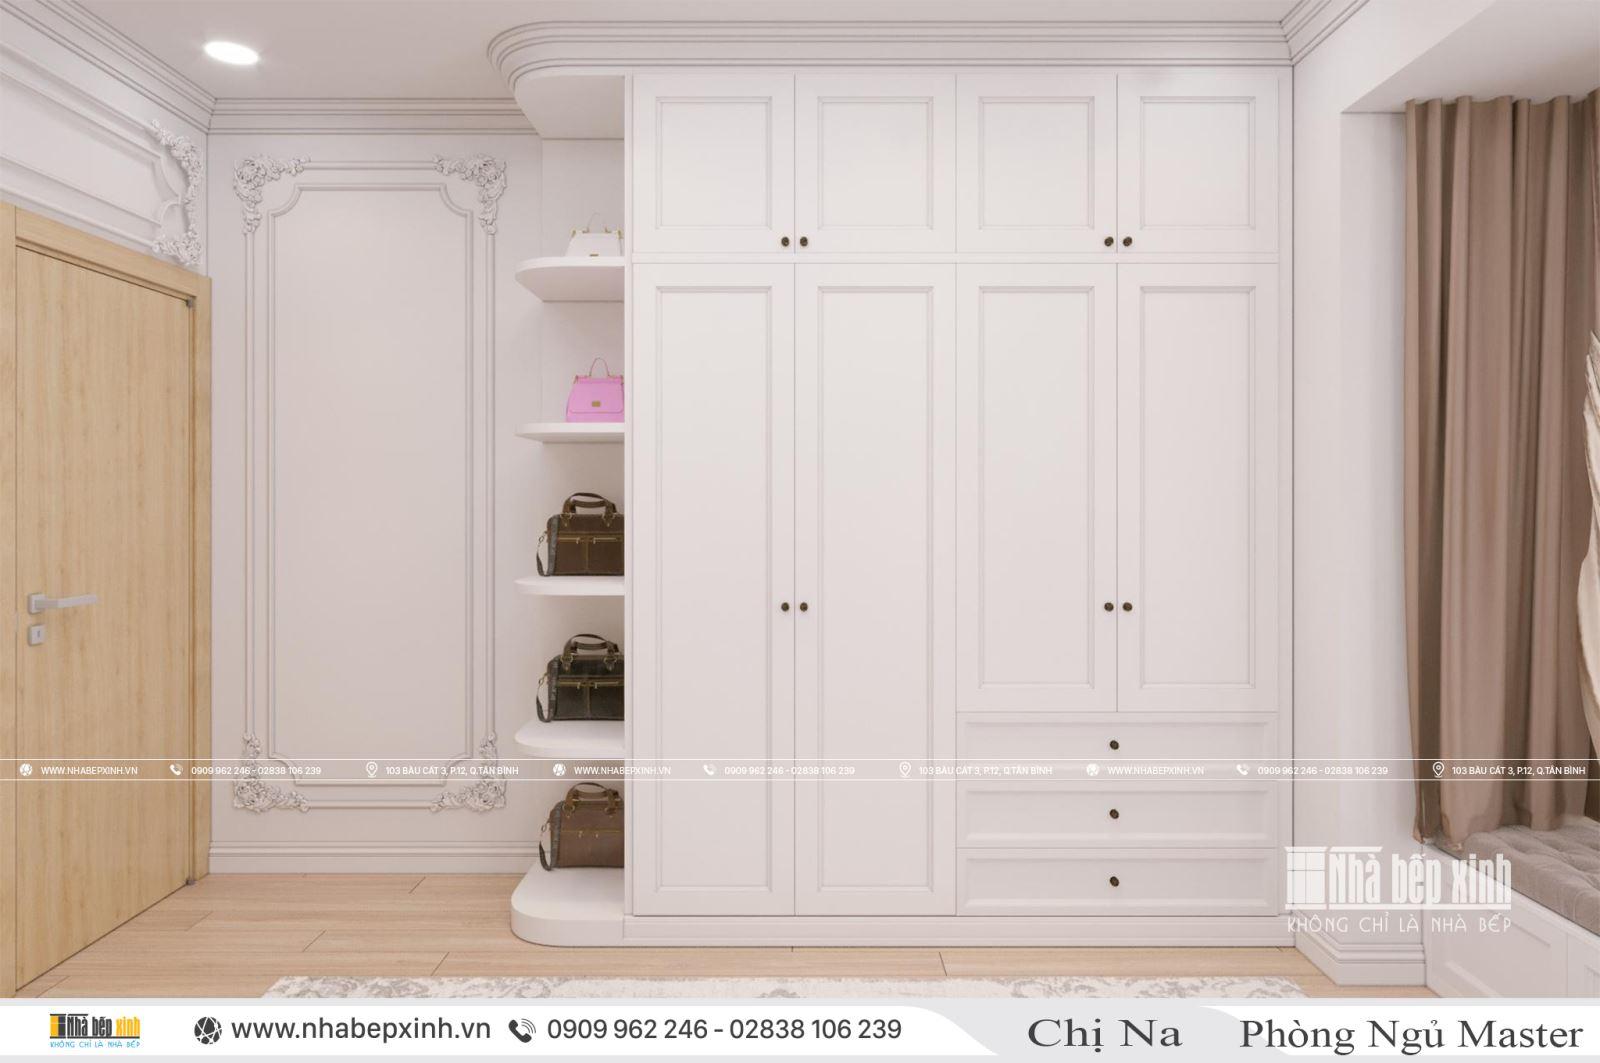 Thiết kế nội thất căn hộ Emerald Celadon City 104m2